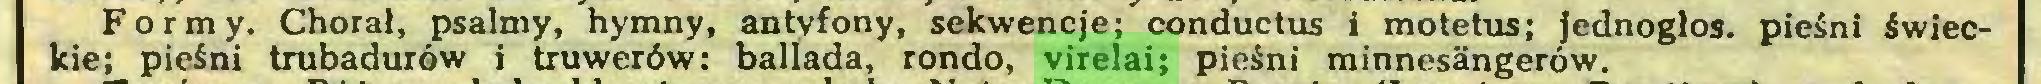 (...) Formy. Chorał, psalmy, hymny, antyfony, sekwencje; conductos i motetus; jednogłos, pieśni świeckie; pieśni trubadurów i truwerów: ballada, rondo, virelai; pieśni minnesangerów...